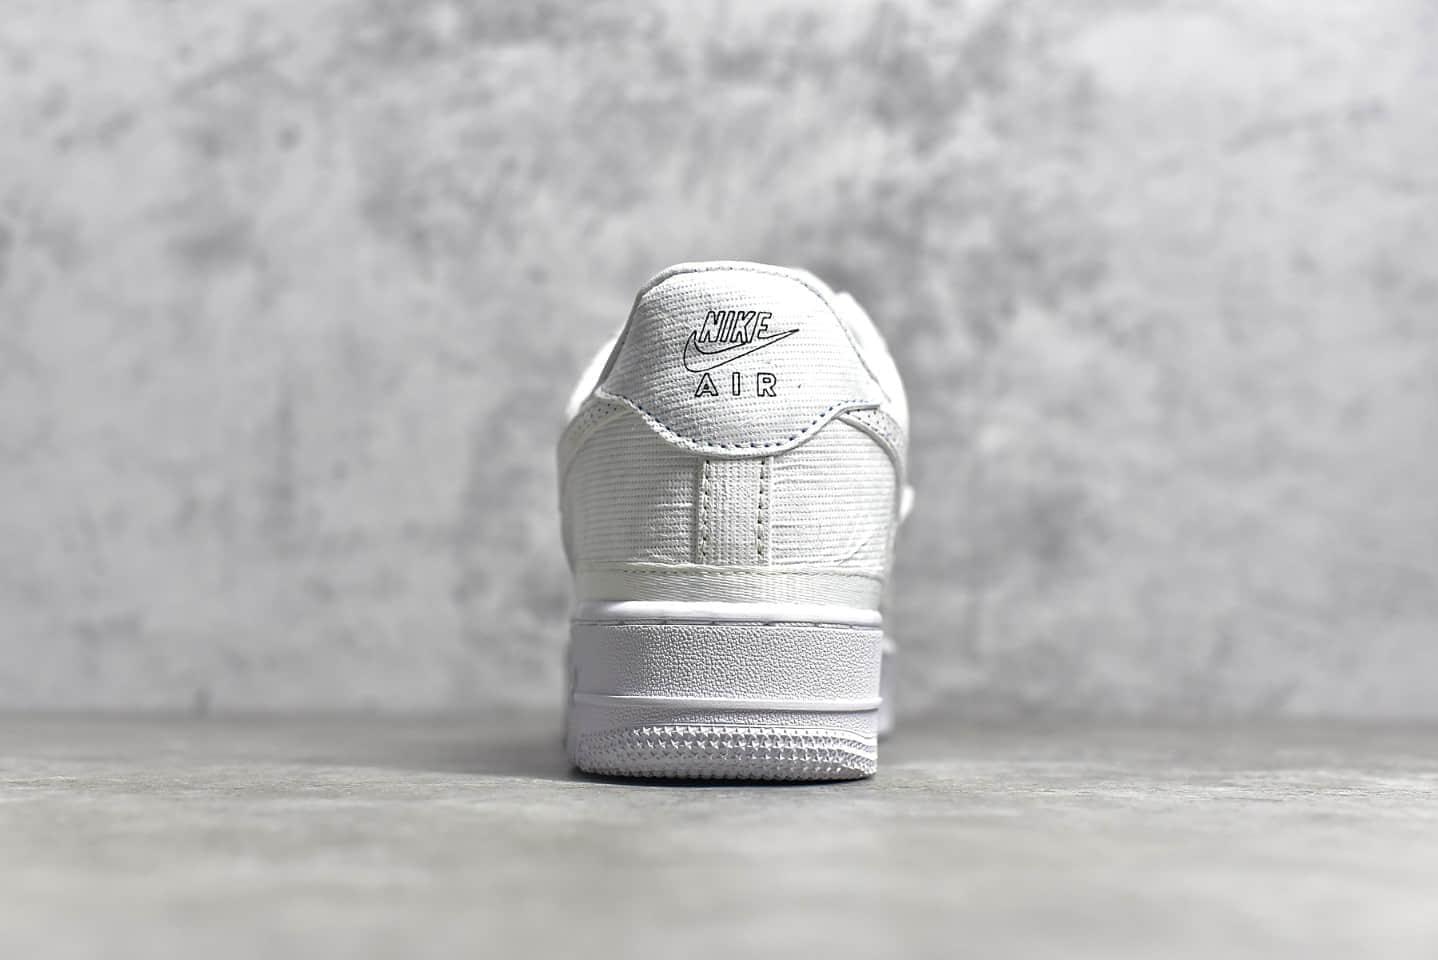 耐克空军白色低帮撕撕乐 NIKE Air Force 1'07 空军可撕鞋面设计 耐克空军DIY鞋款 货号:CJ1650-101-潮流者之家